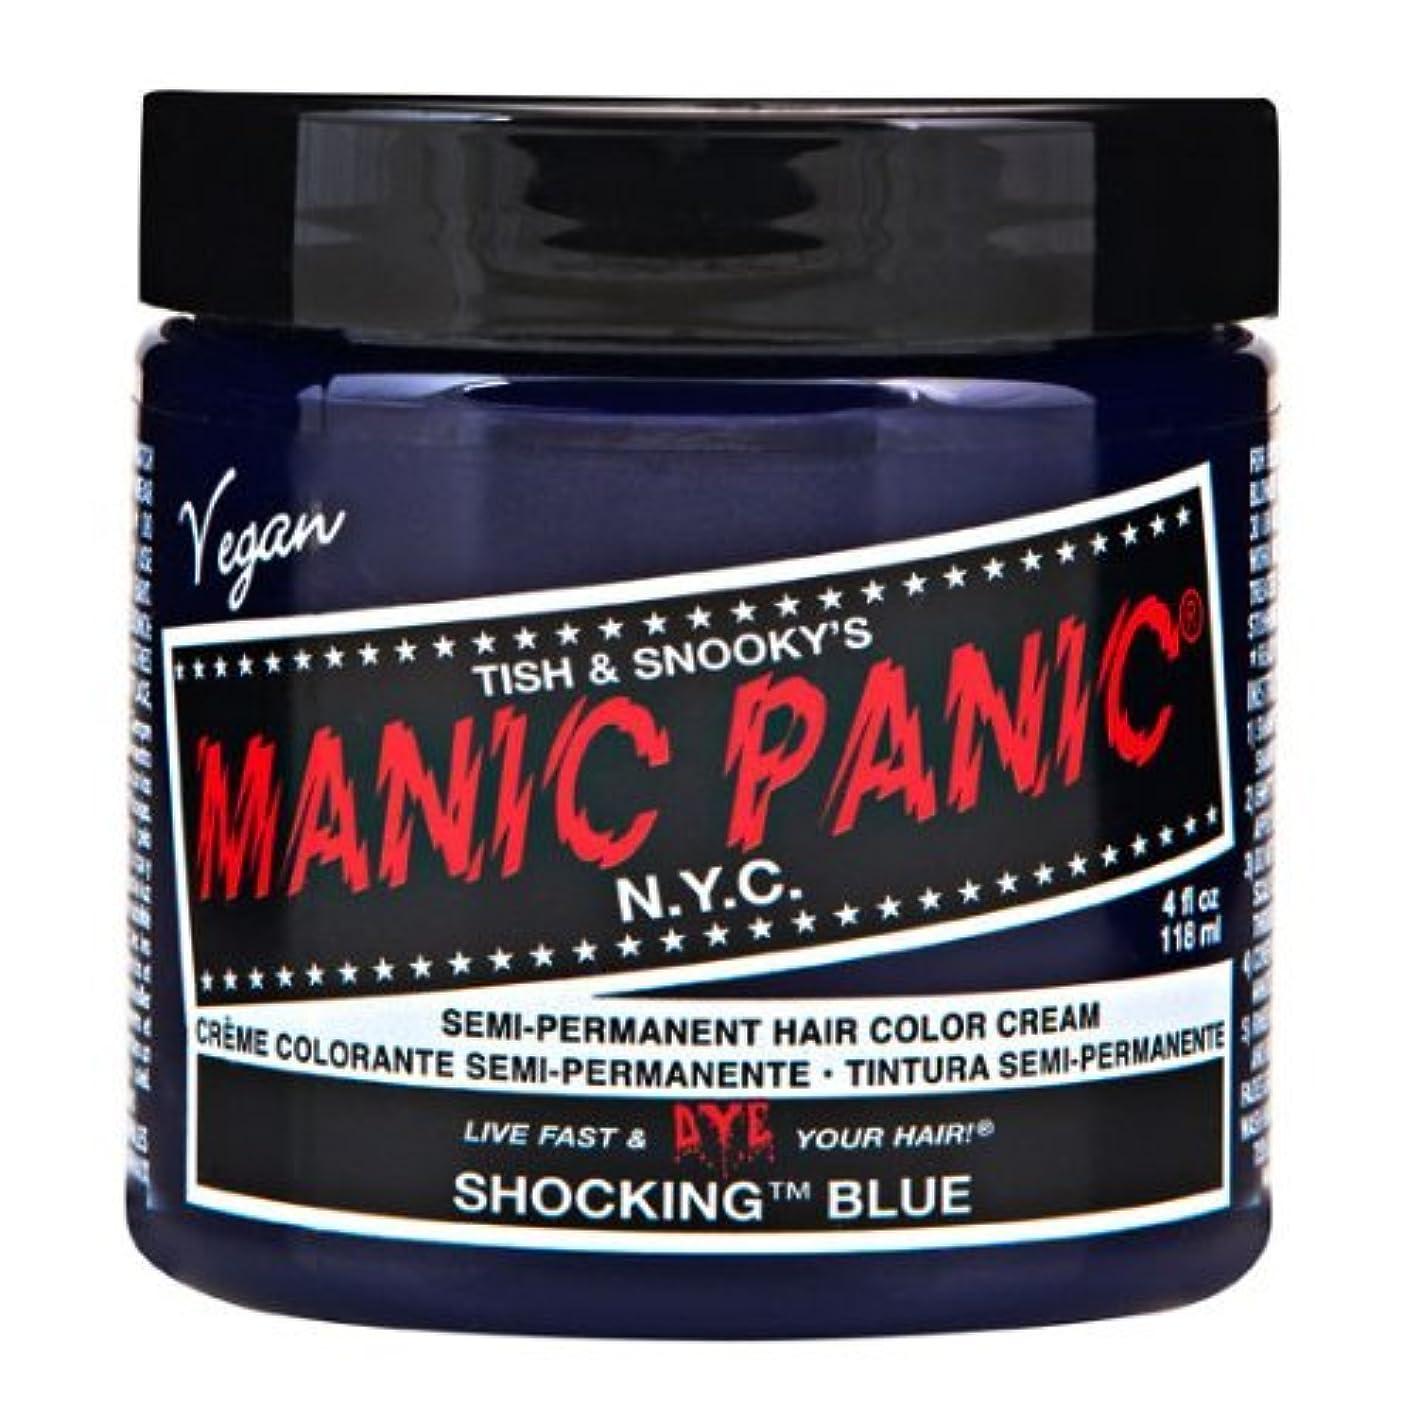 合意主観的里親マニックパニック MANIC PANIC ヘアカラー 118mlショッキングブルー ヘアーカラー